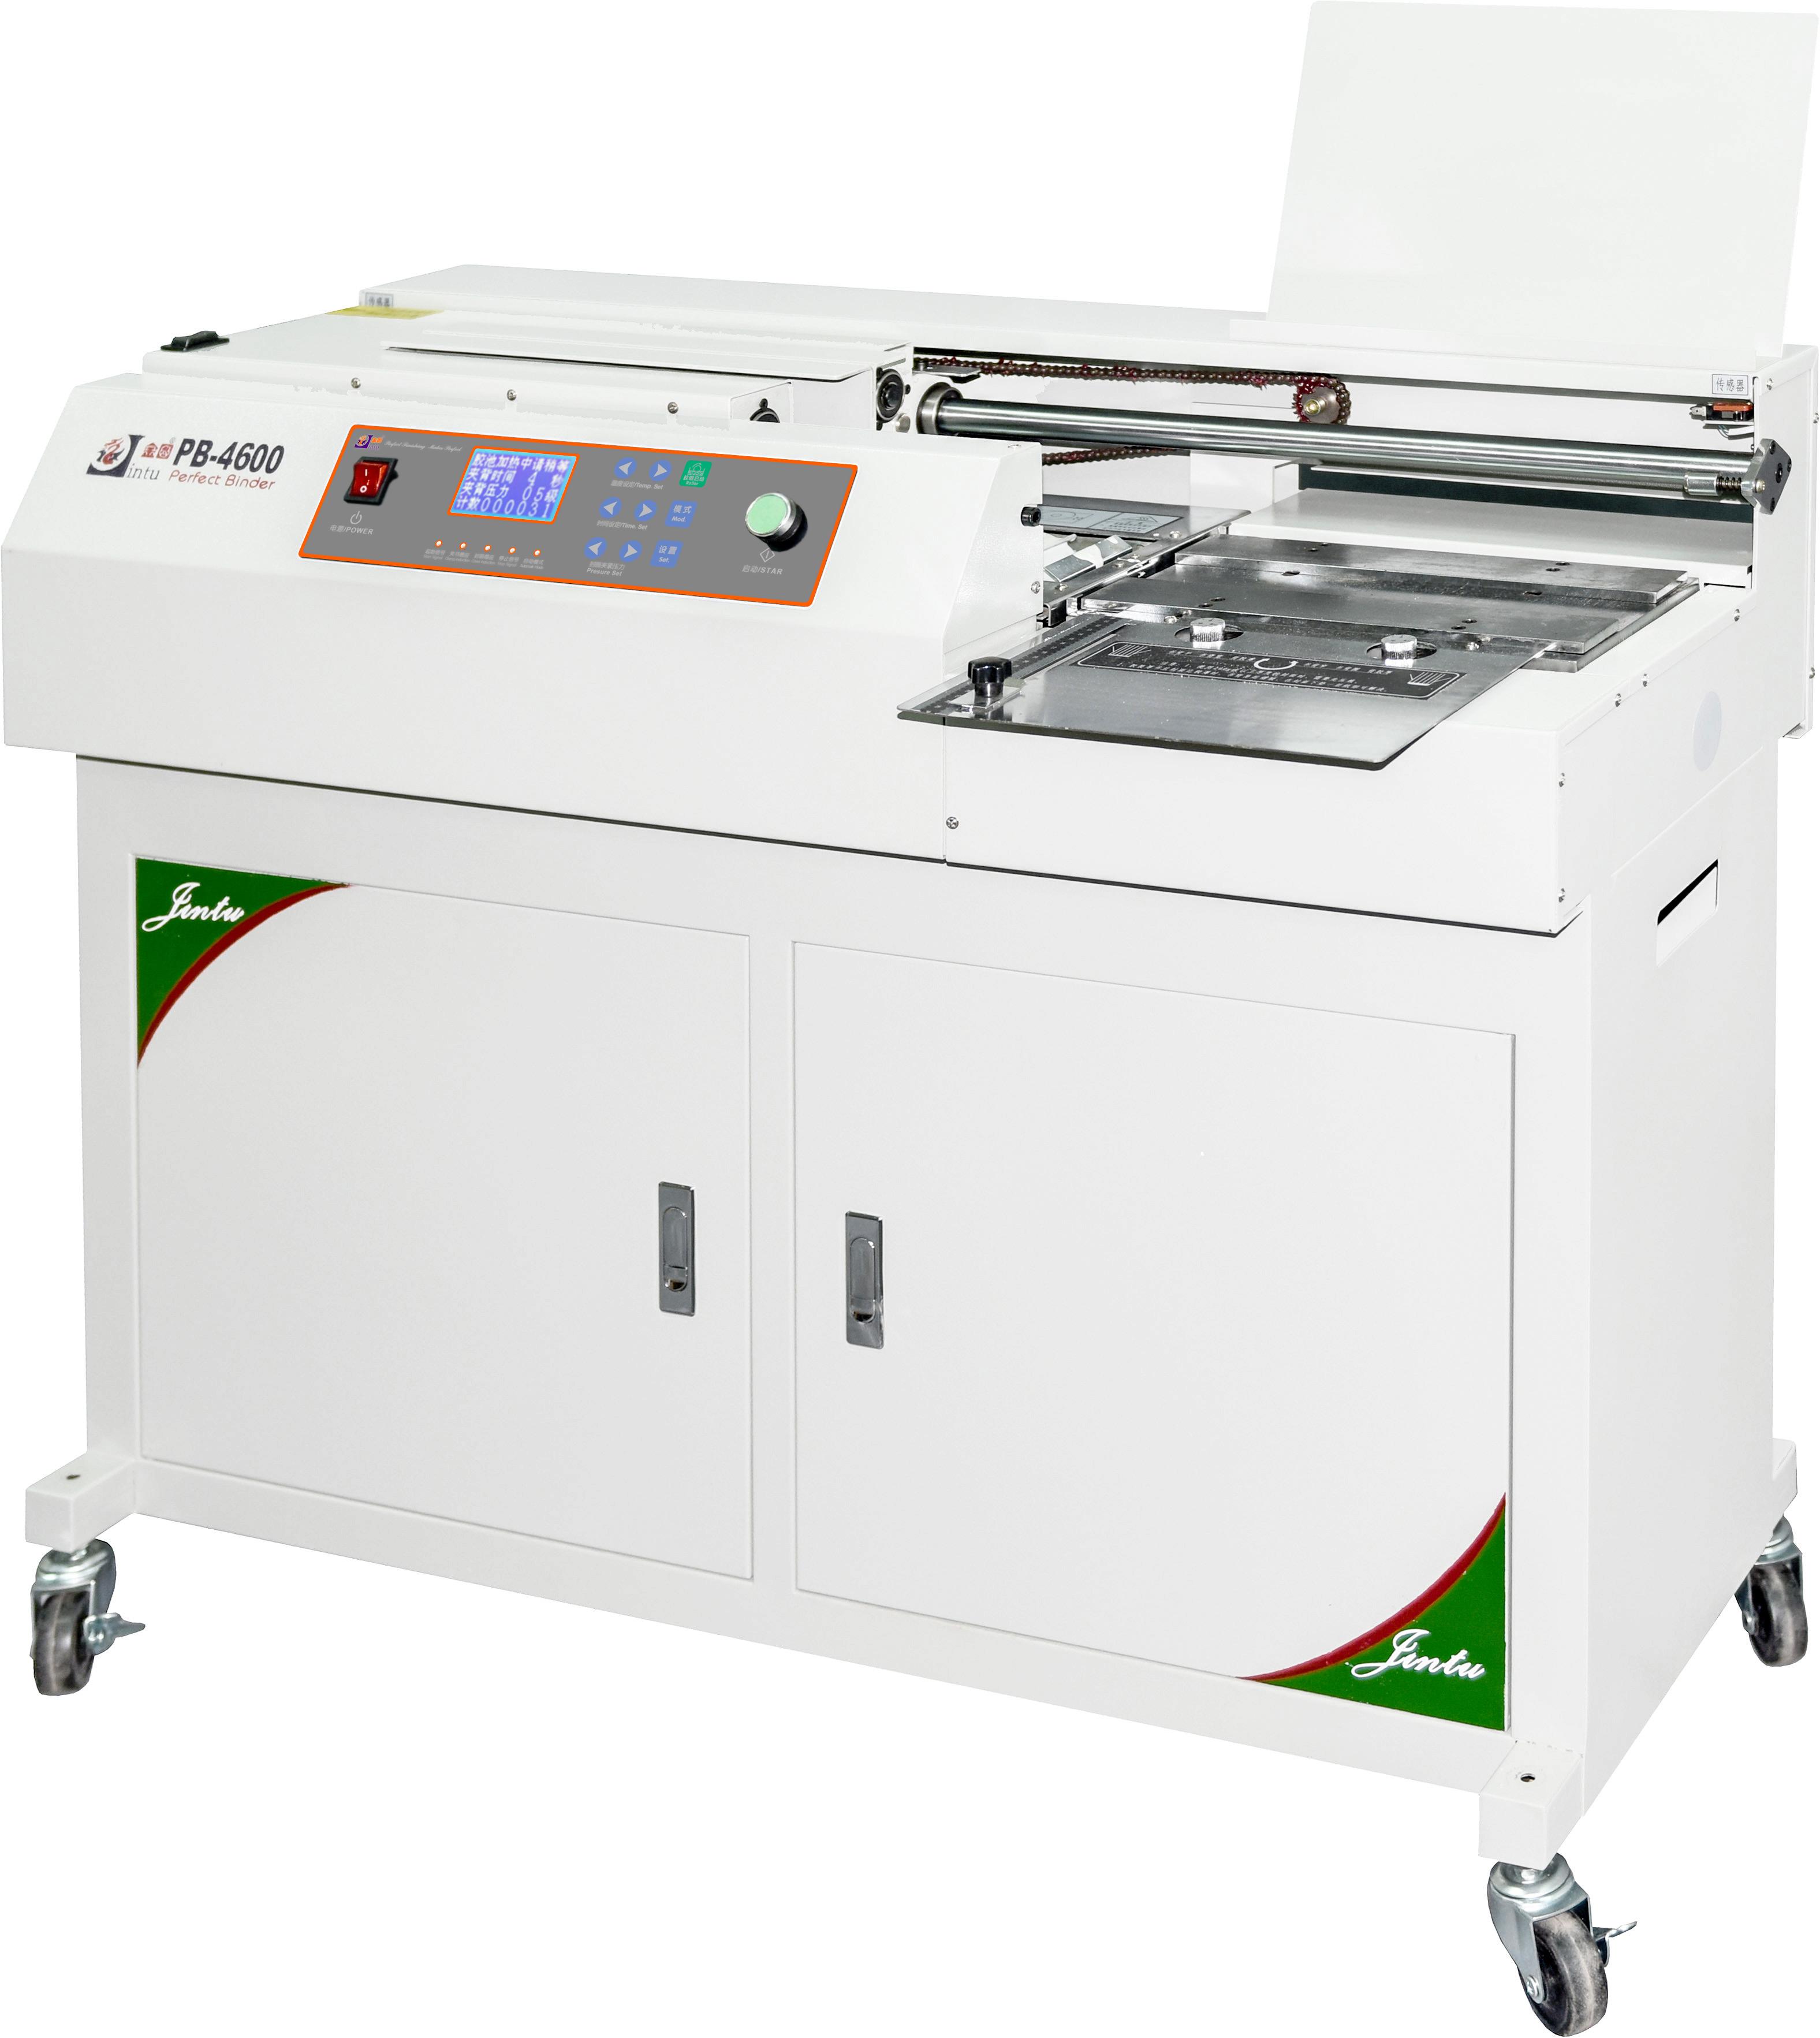 廠家***自動膠裝機PB-4600